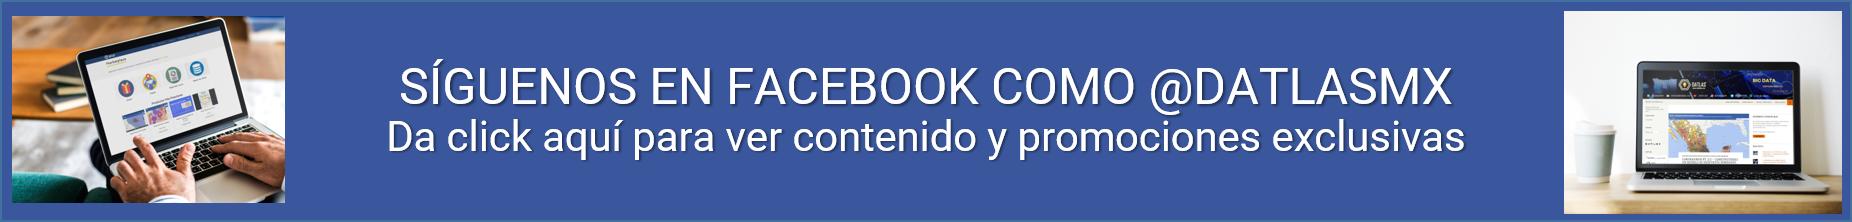 Datlas_Promo_Facebook_Suscribe